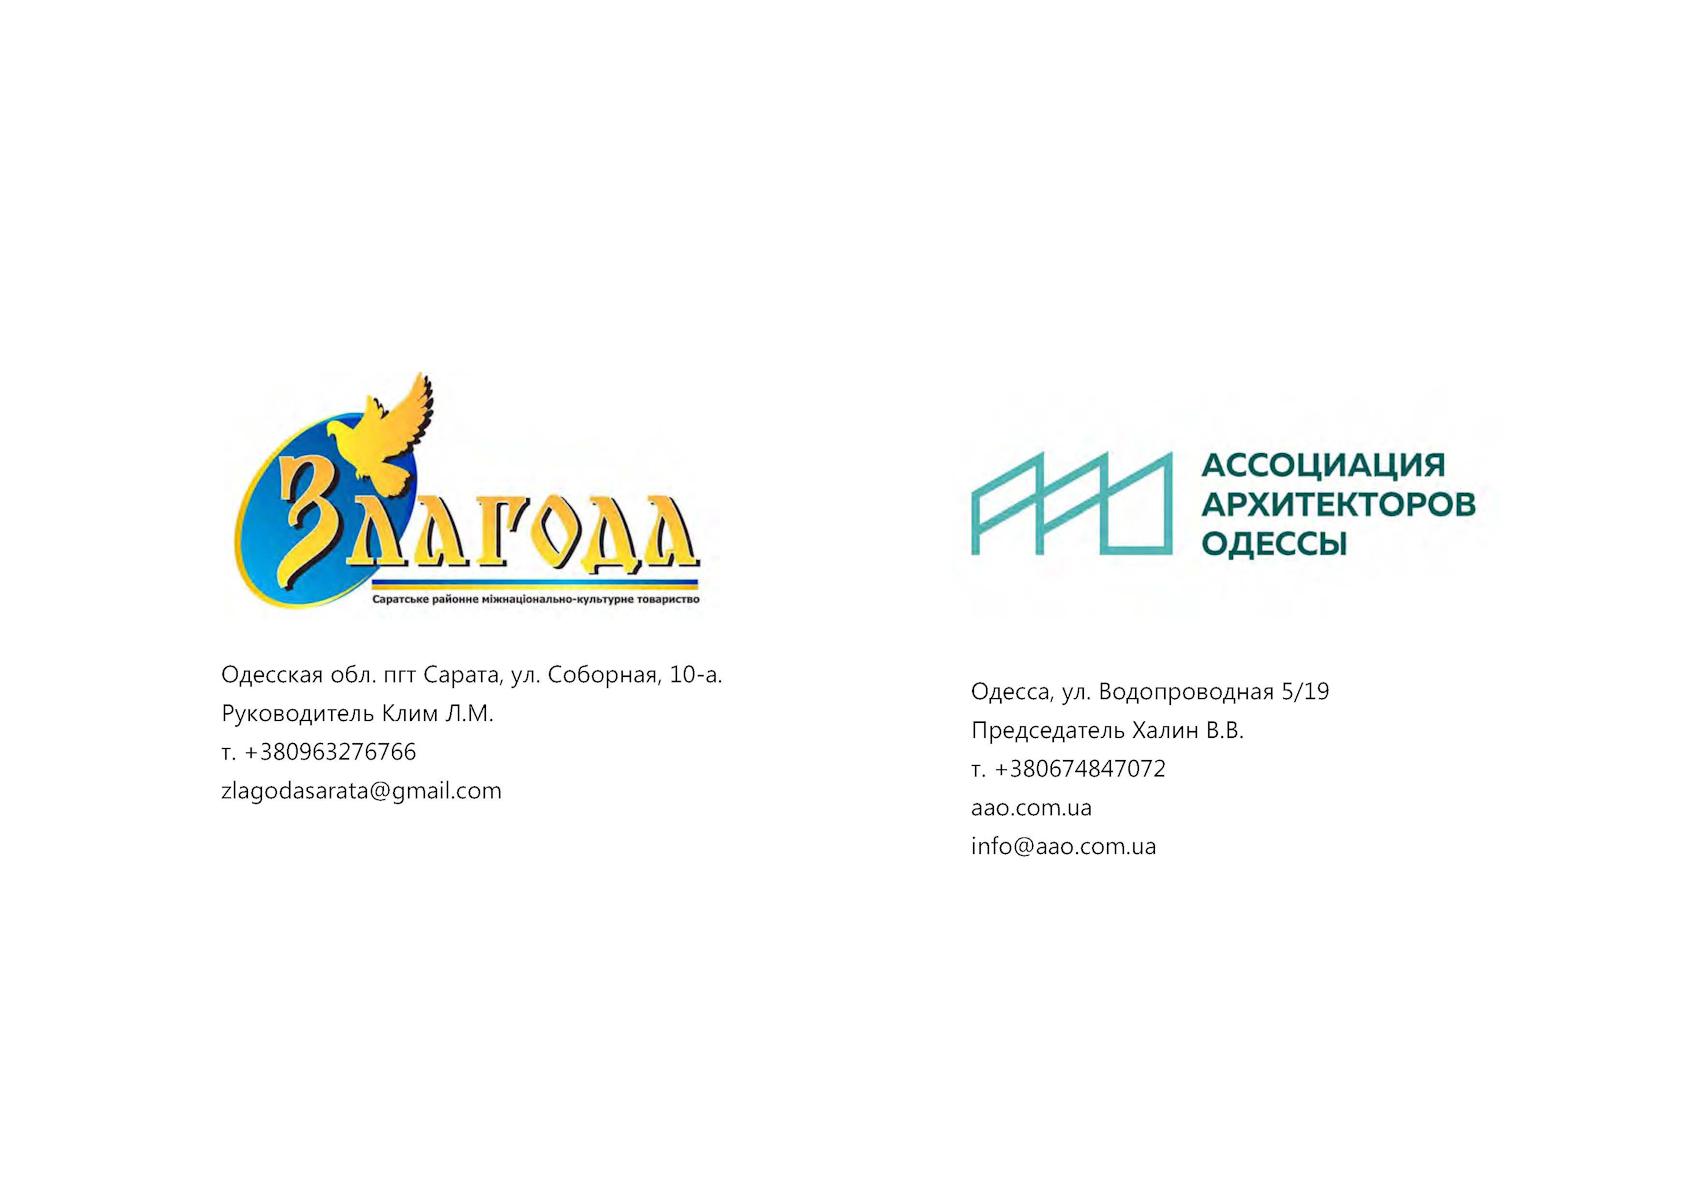 URDI Обсуждение вариантов реновации площади Сараты_Страница_25